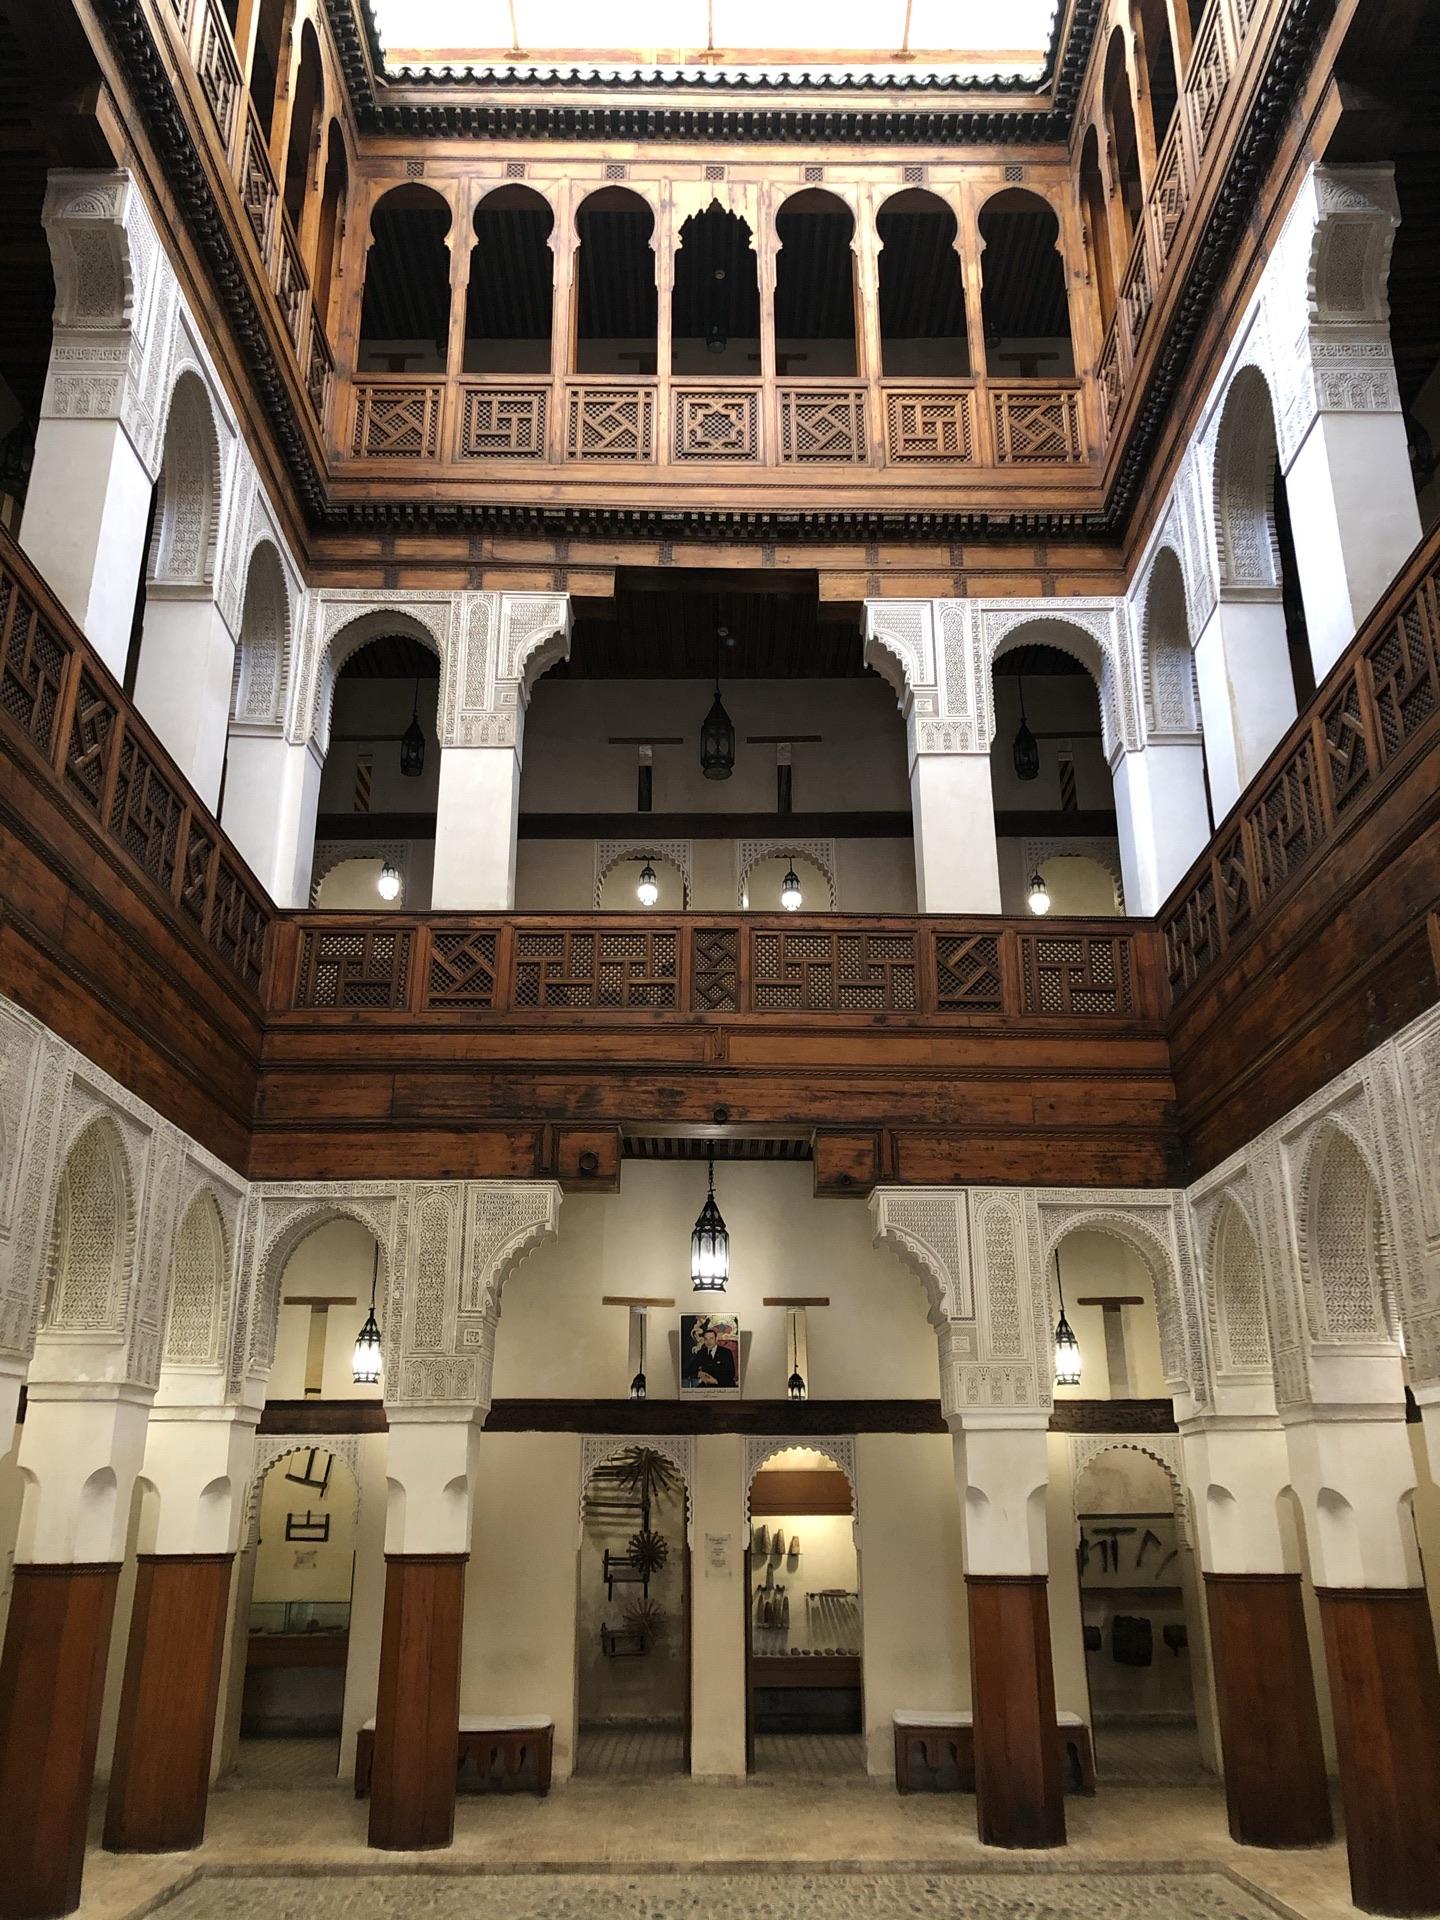 ネジャーリン木工芸博物館